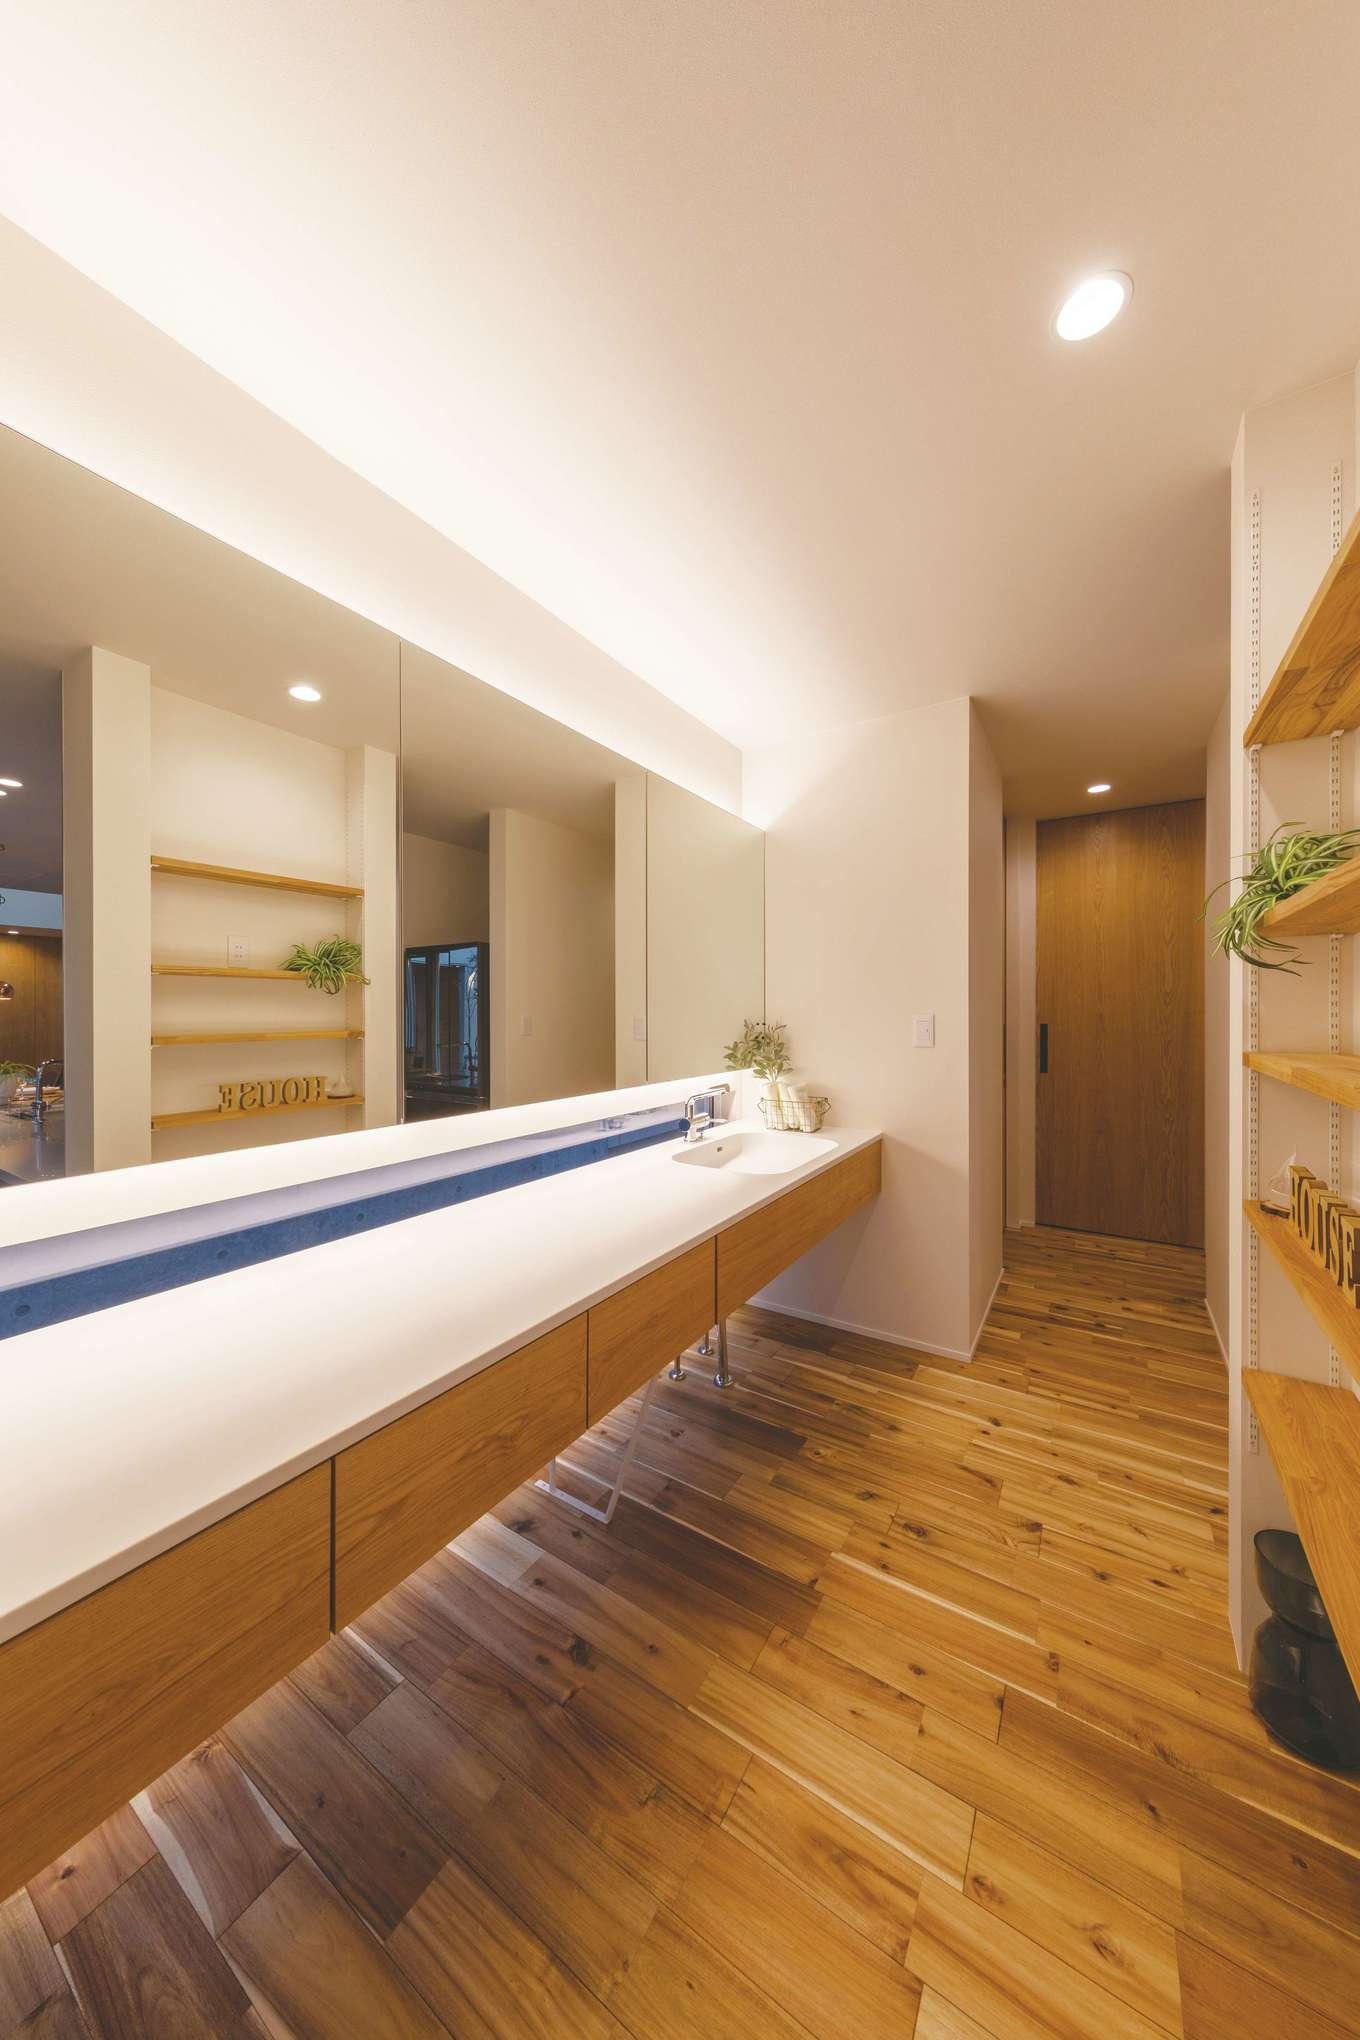 洗面所は水回りと寝室の動線上のオープンスペースに。天井と床に仕込んだ間接照明がアクセント